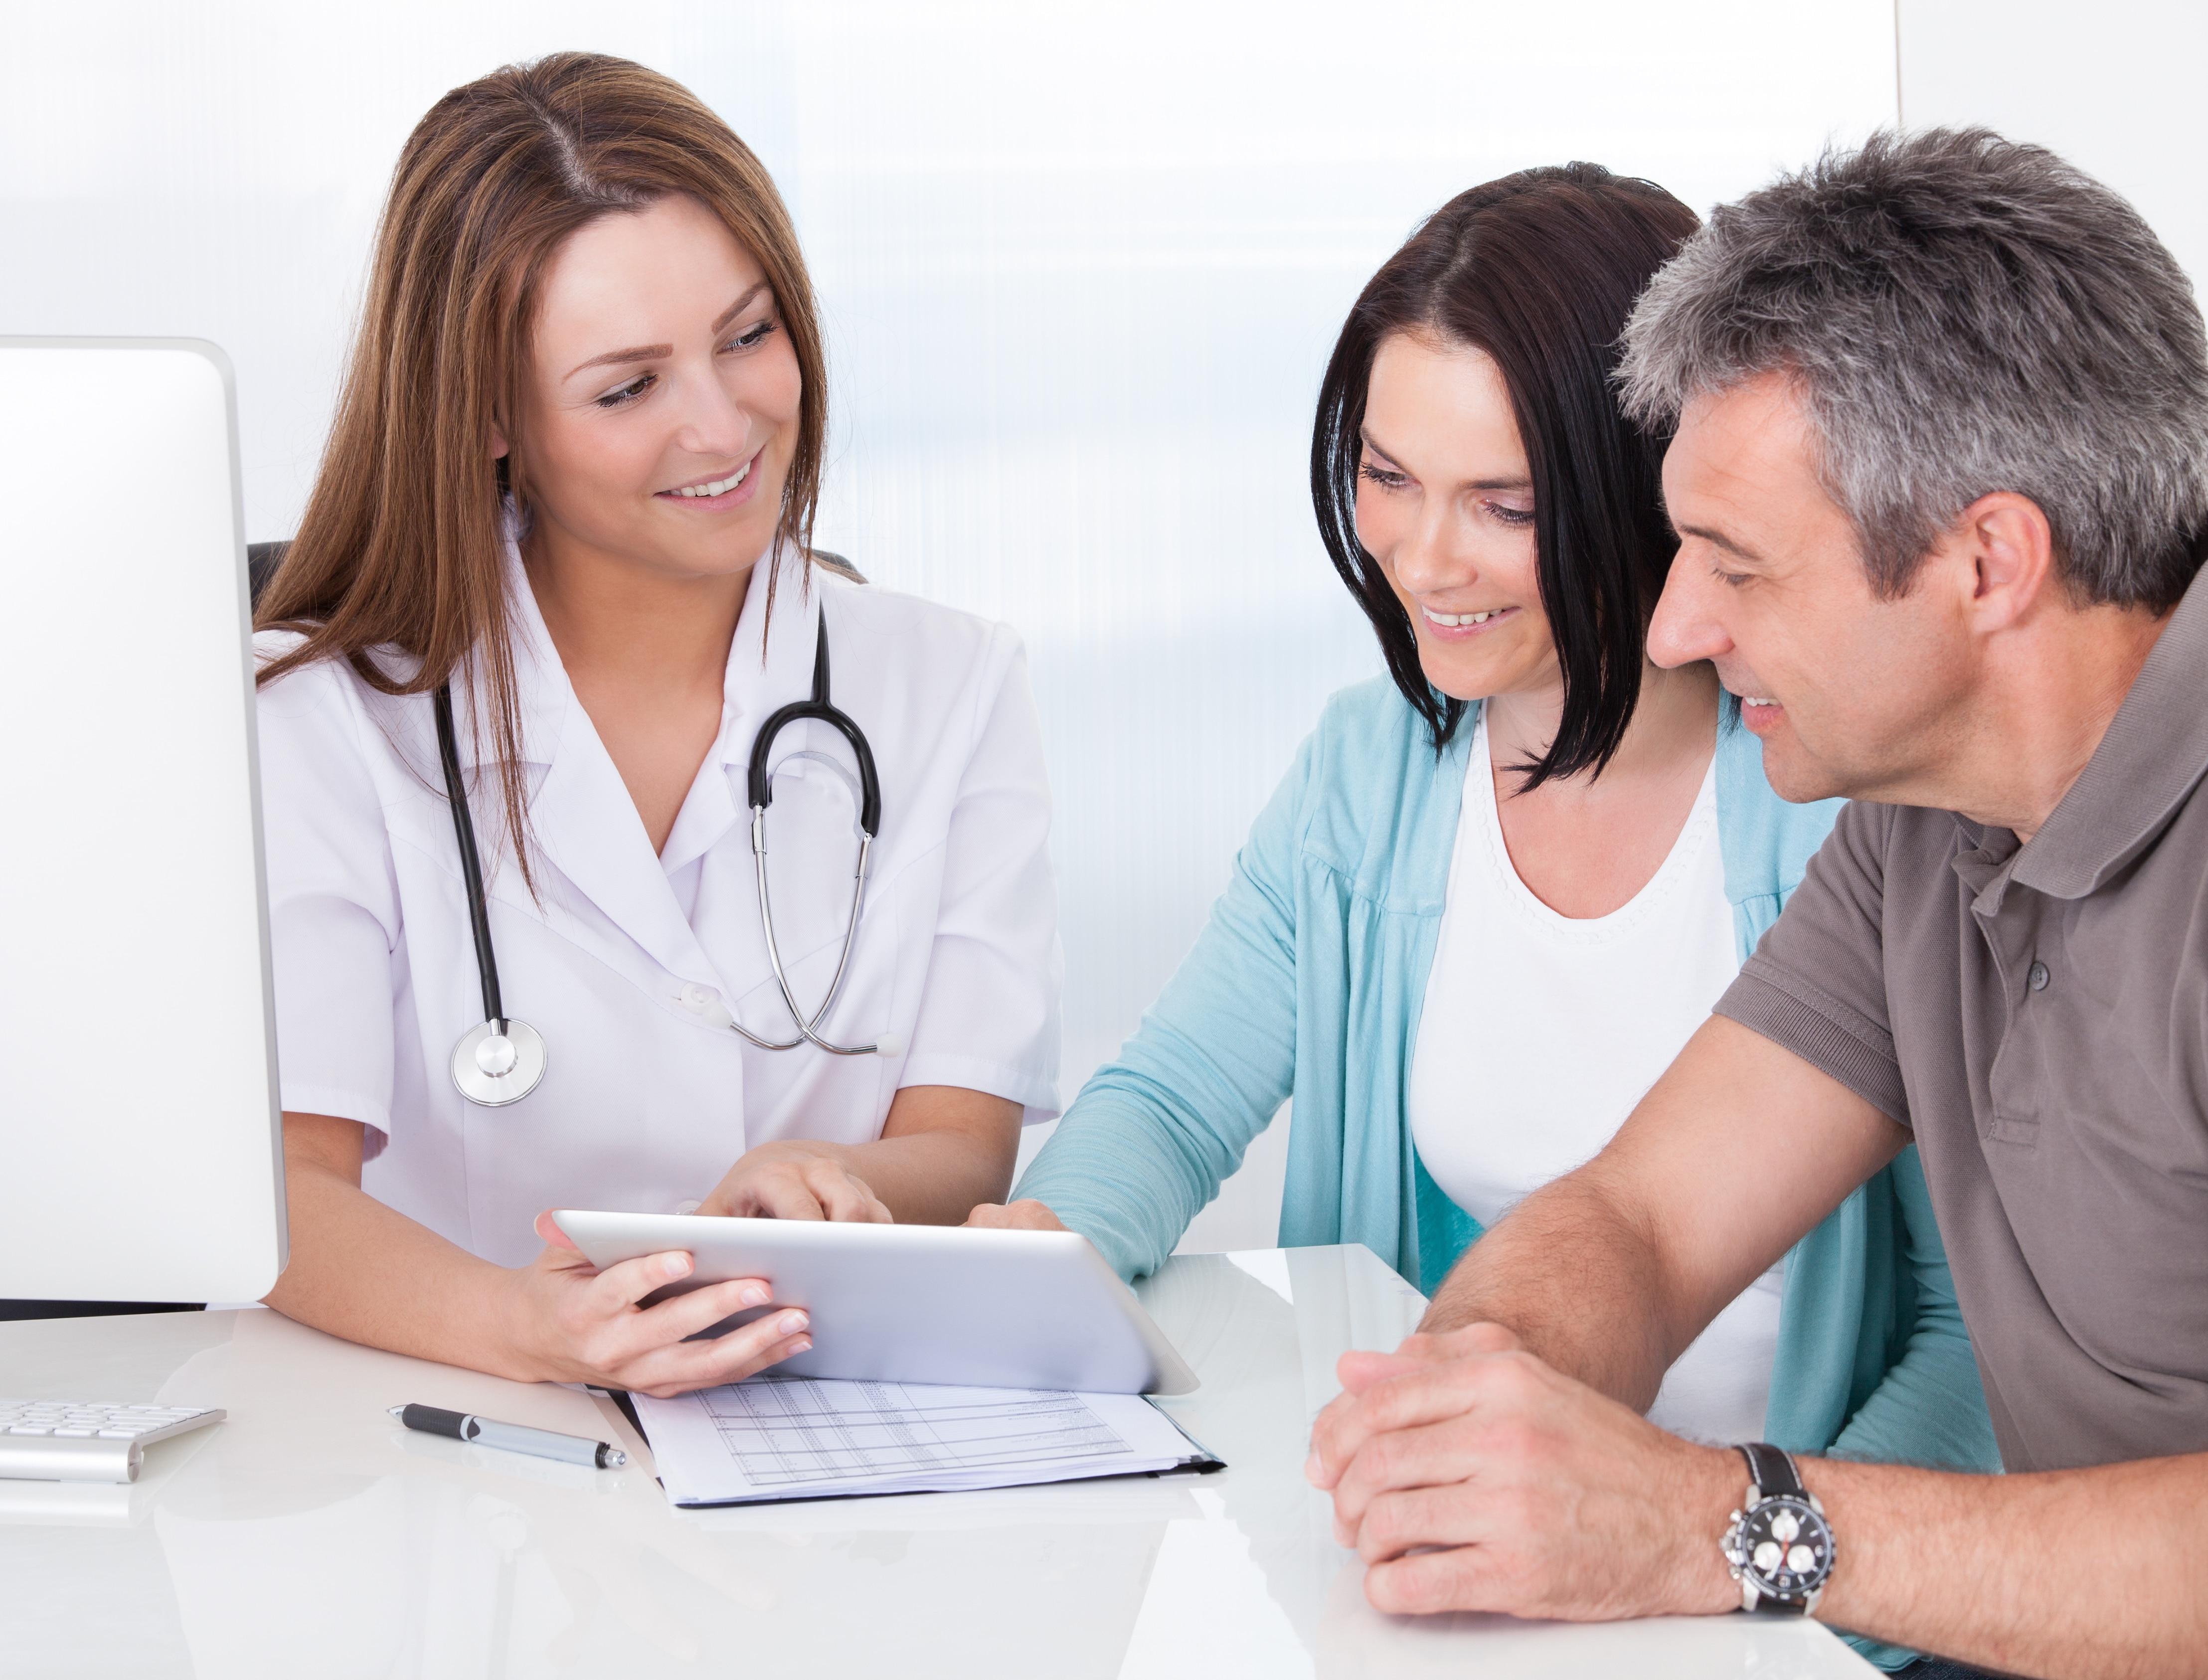 Certificado médico prenupcial